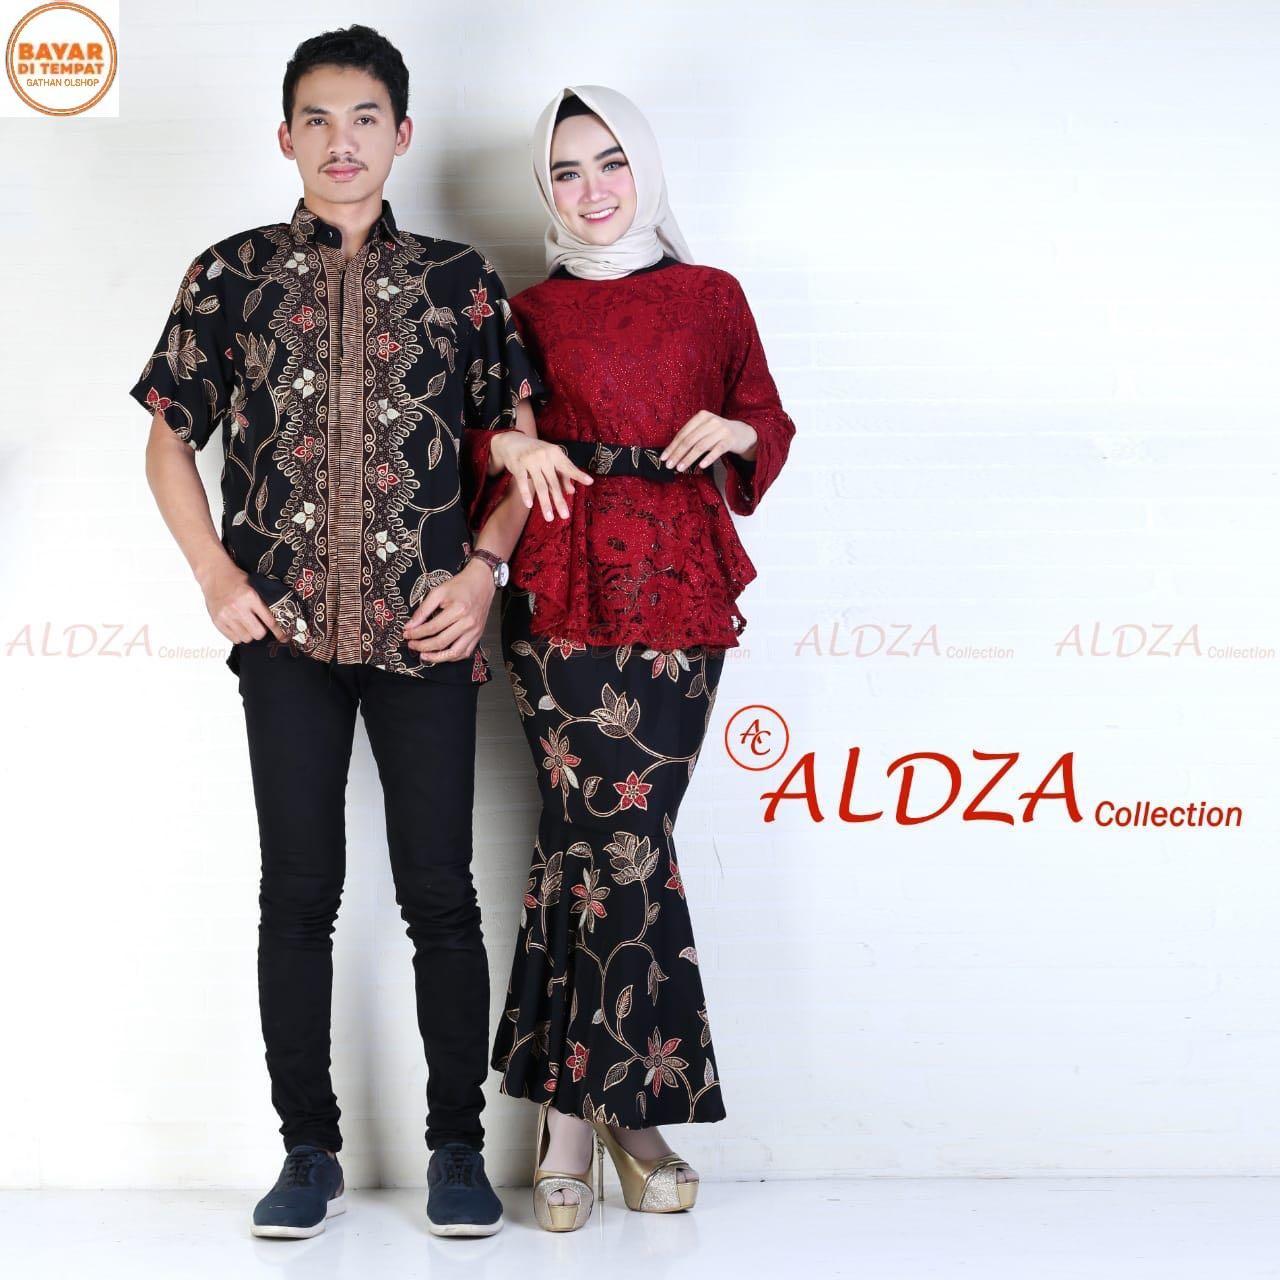 Kebaya Modern Hijab Remaja Style Modis Cantik Brokat Setelan Pakaian Baju Couple Kebaya Batik Couple Kebaya Modern Couple Kebaya Kutu Baru Brukat